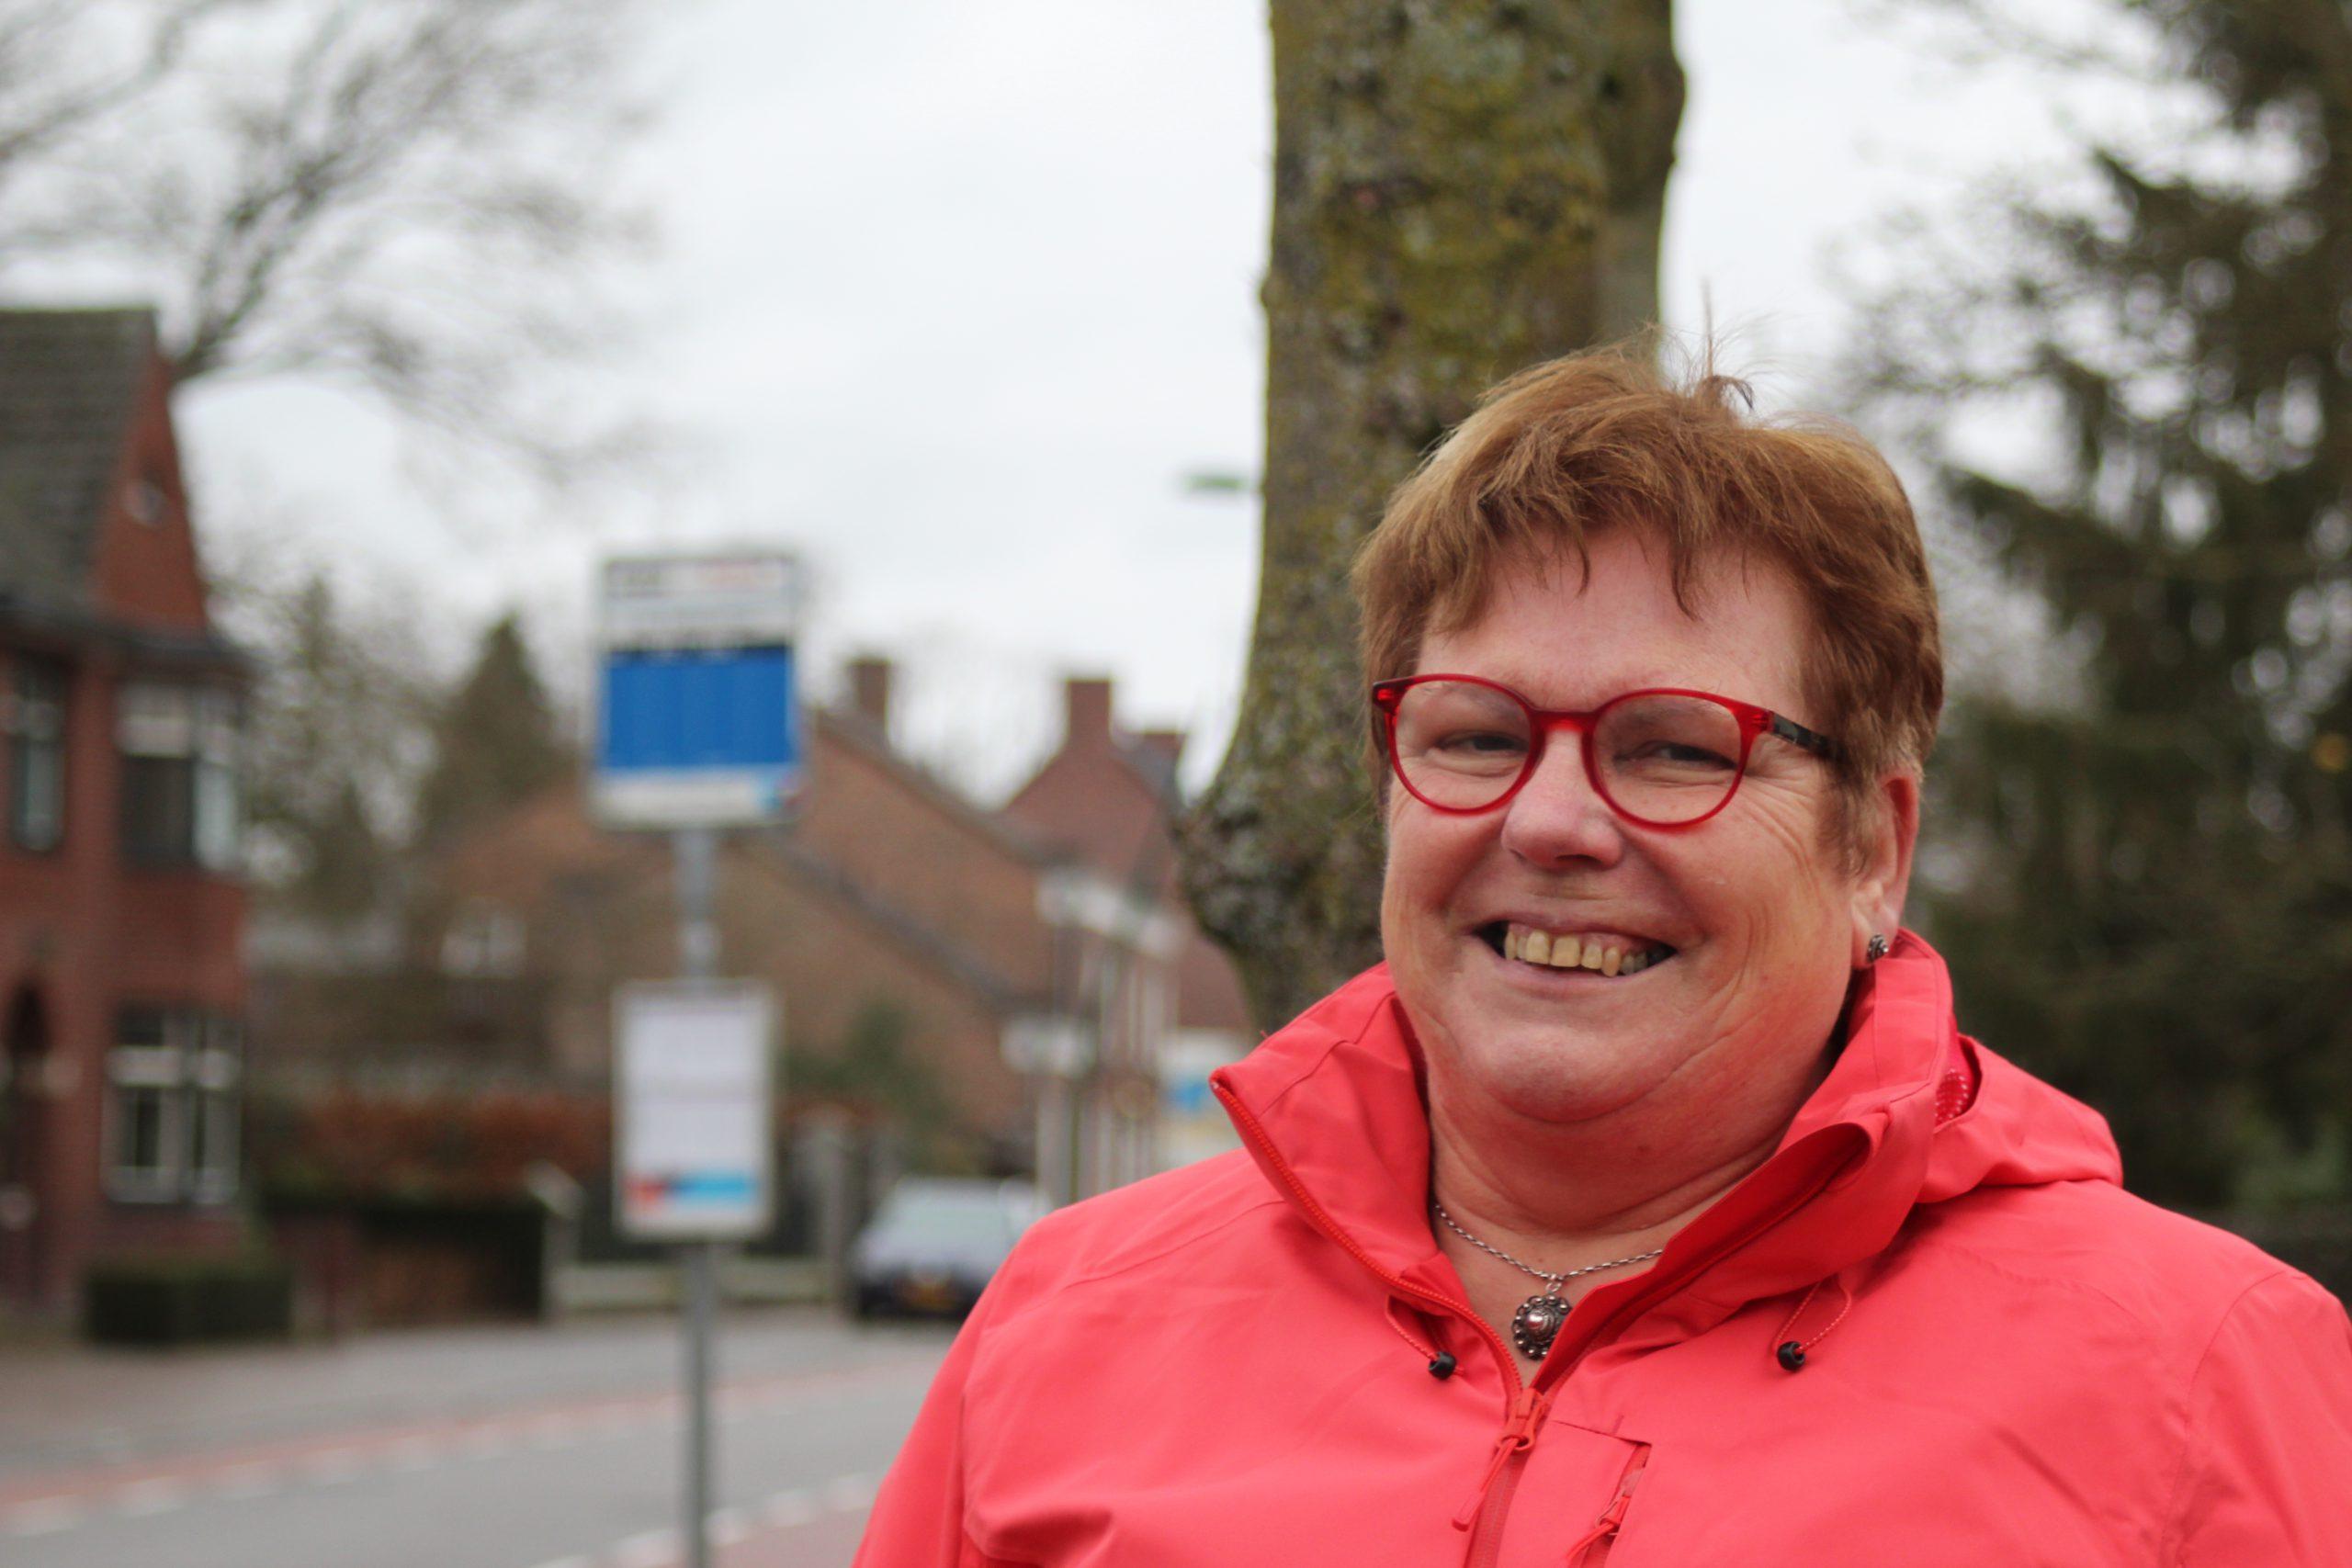 Marij Willems